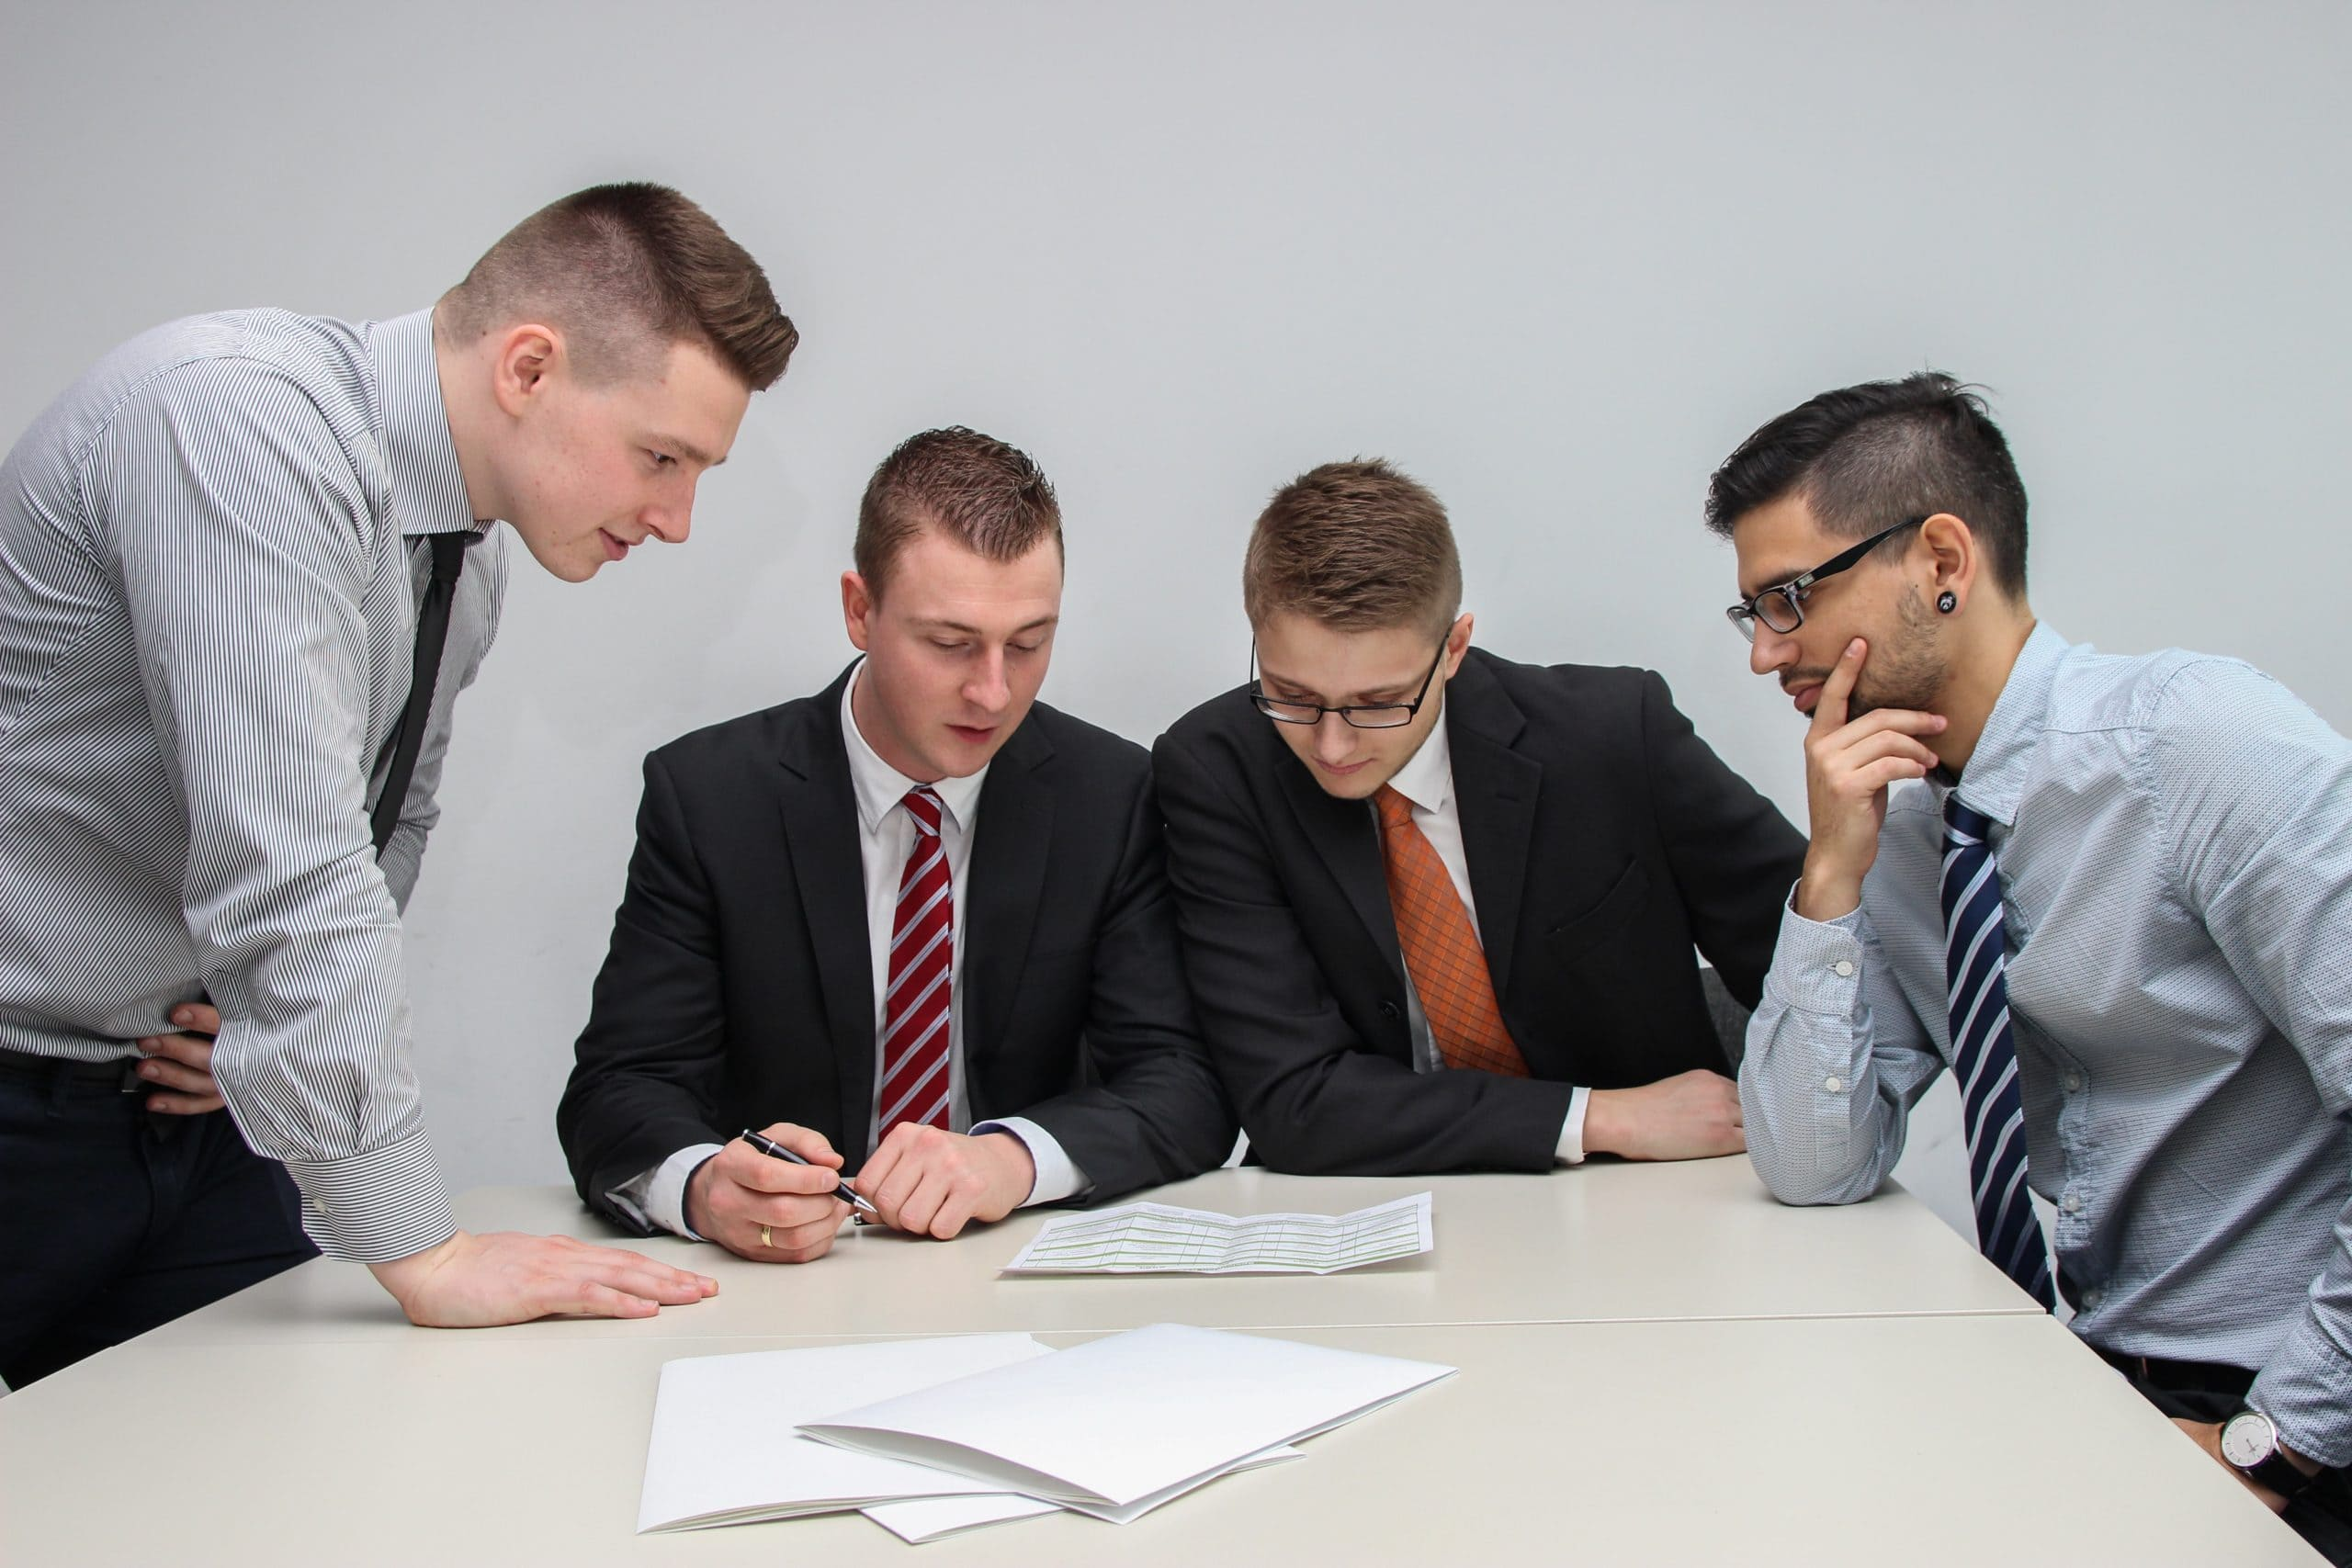 管理会計・財務会計とは?会計制度の役割や違いをわかりやすく解説、財務諸表の扱い方や予算策定・予実管理まで